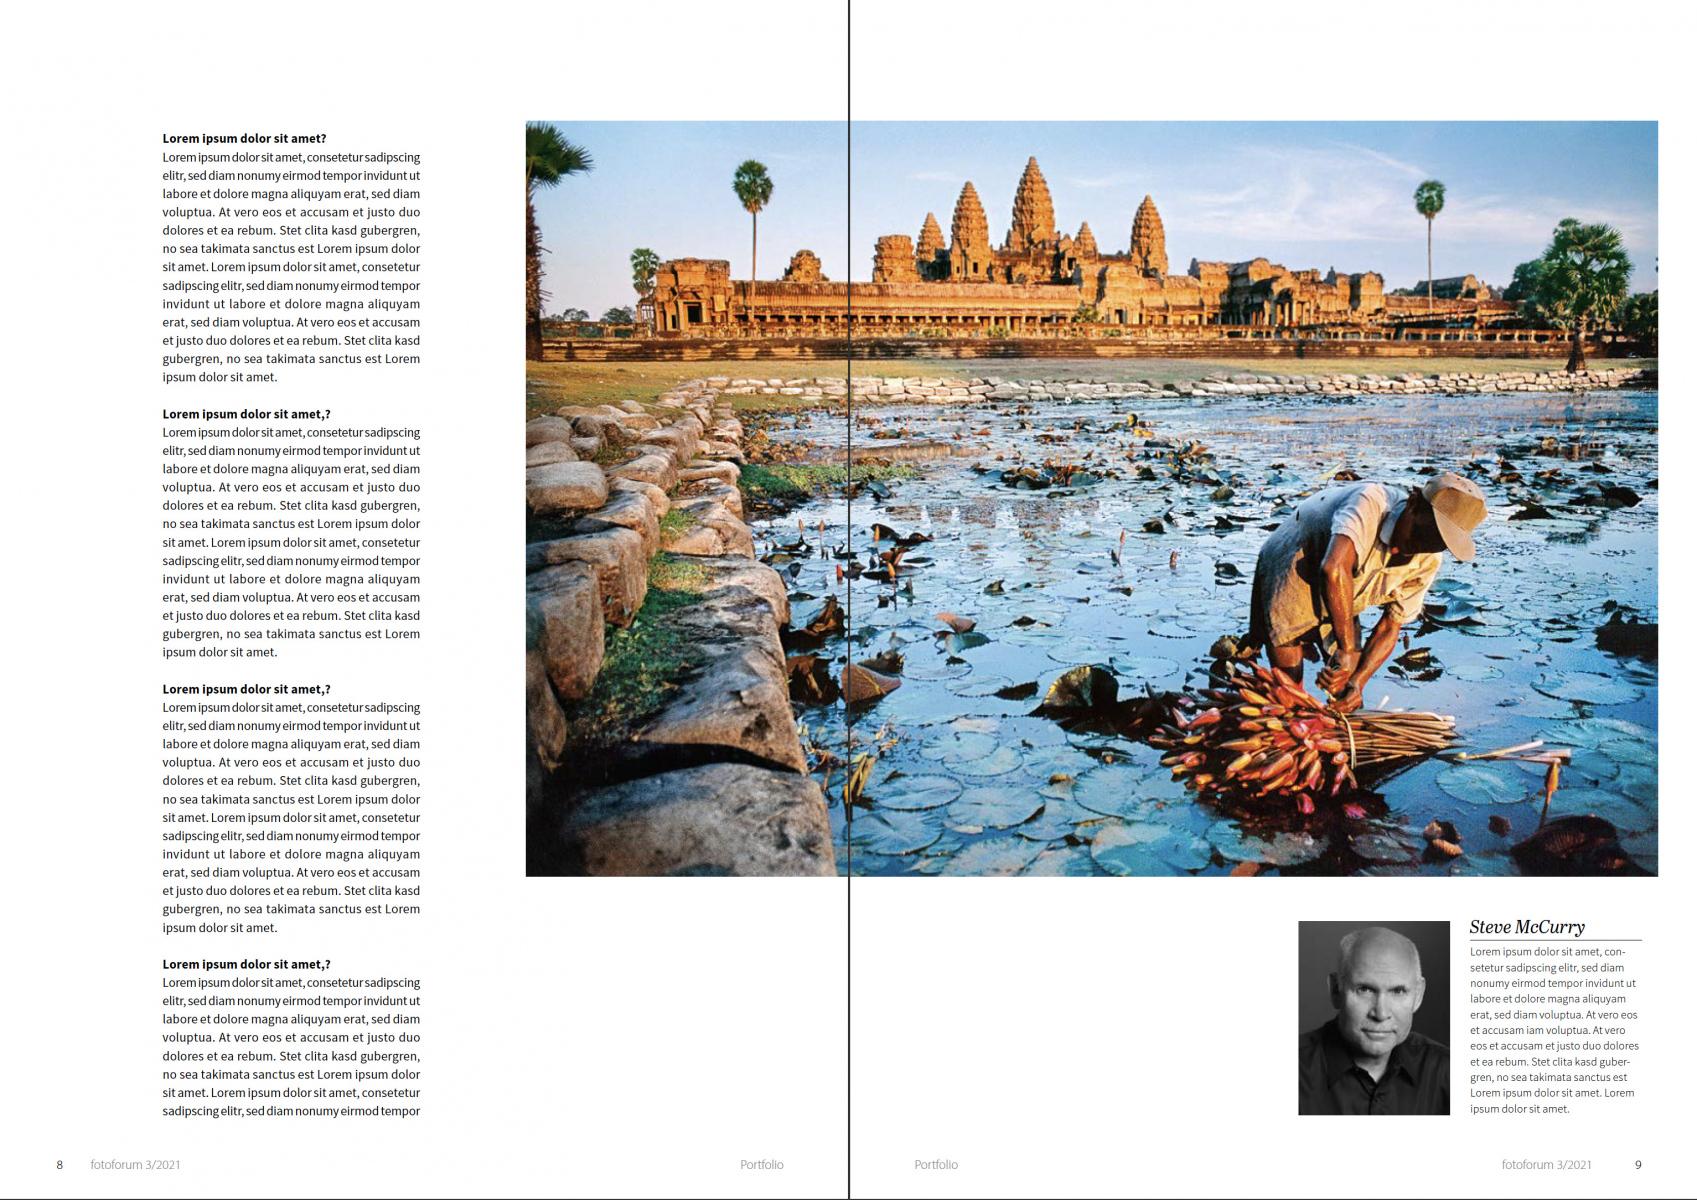 Interview-mit-Steve-McCurry.-im-Fotoforum-Magazin-4